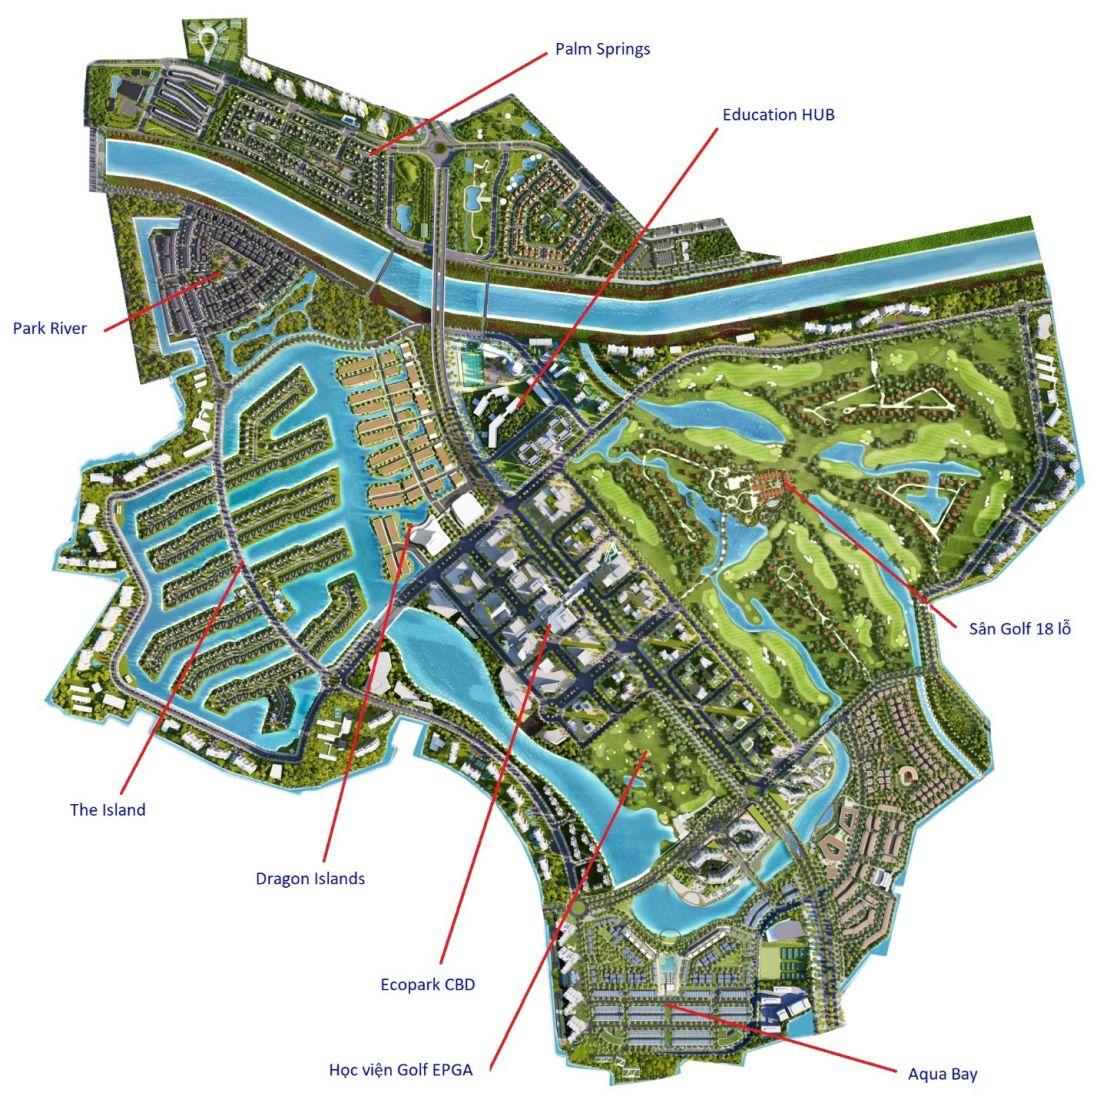 Sơ đồ quy hoạch khu đô thị Ecopark